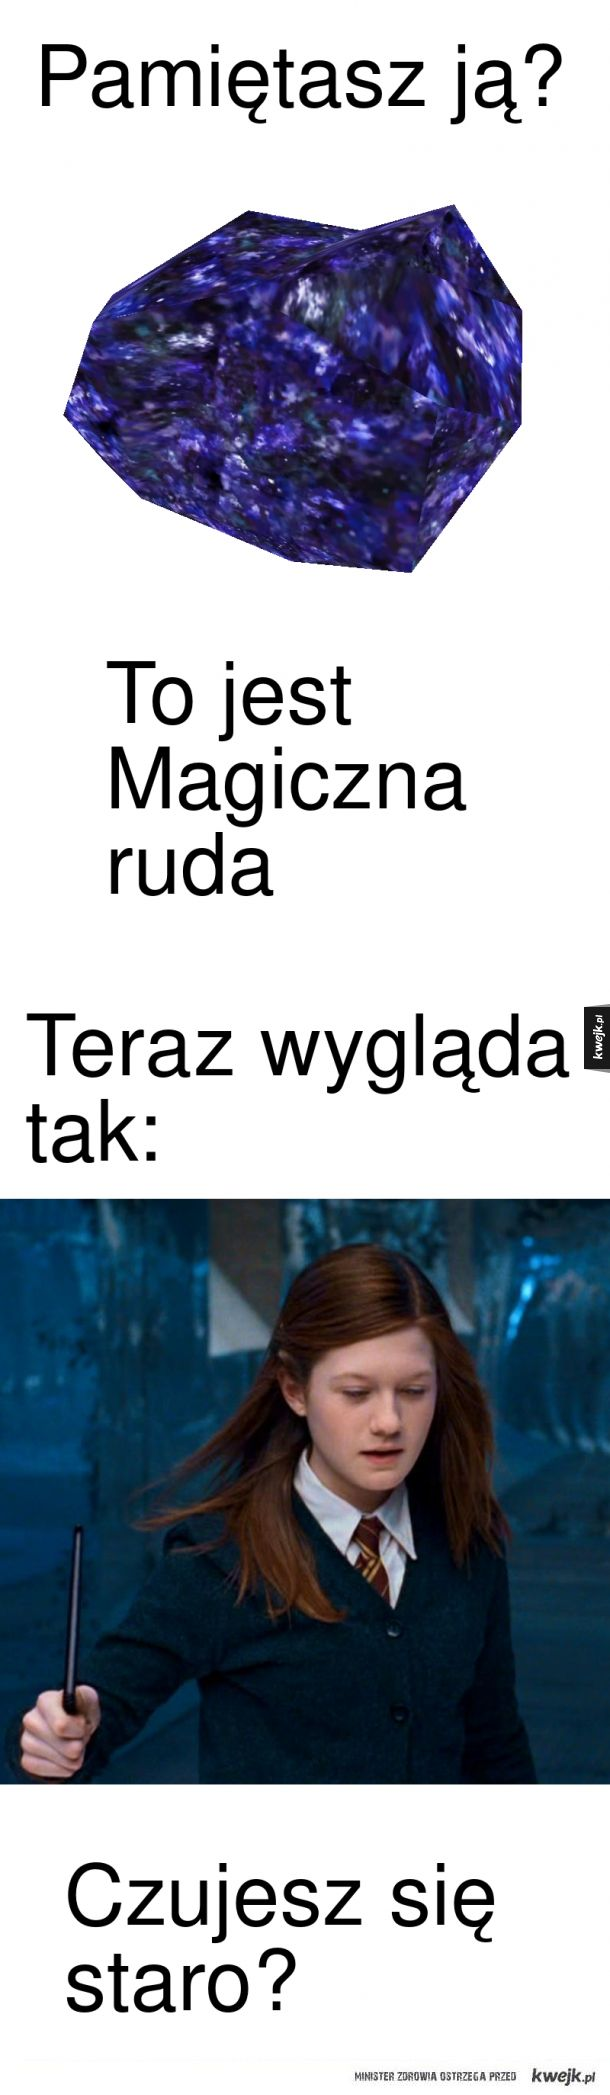 Magiczna ruda